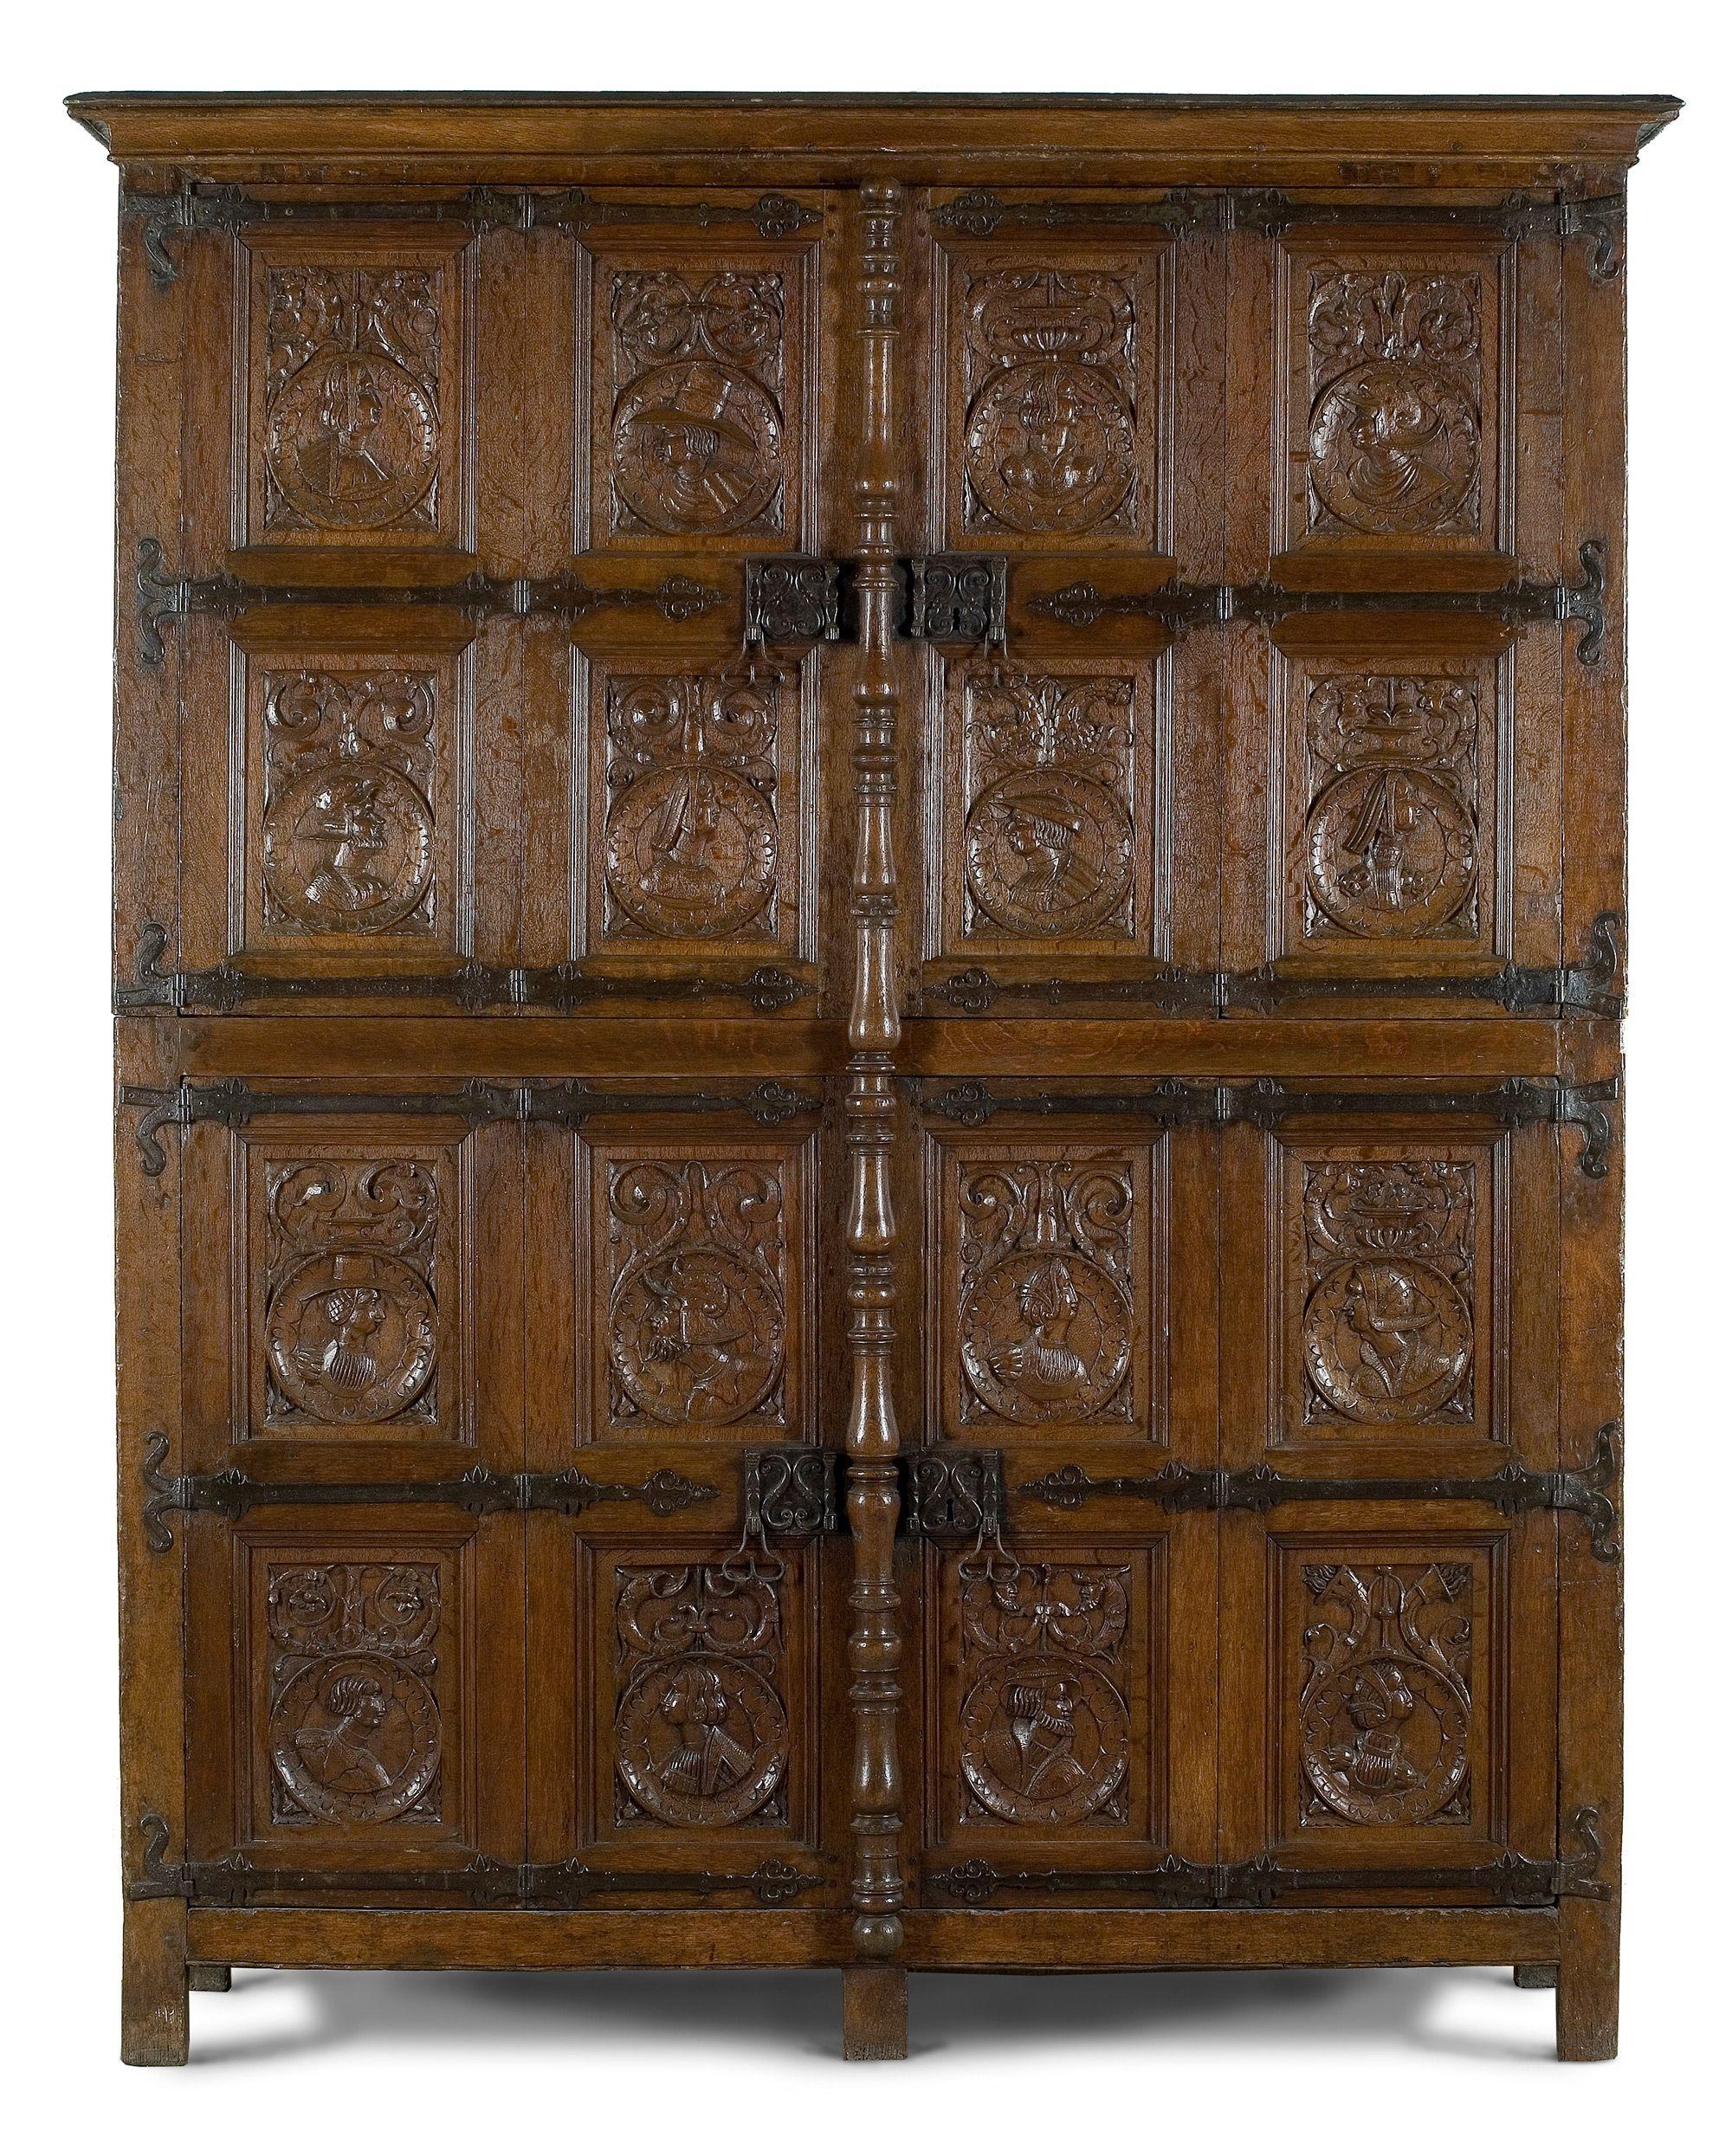 Armoire A 4 Vantaux Et 16 Medaillons Profiles Nord De La France Ou Pays Bas Du S Vers 1510 Musee Meuble Baroque Renaissance Moyen Age